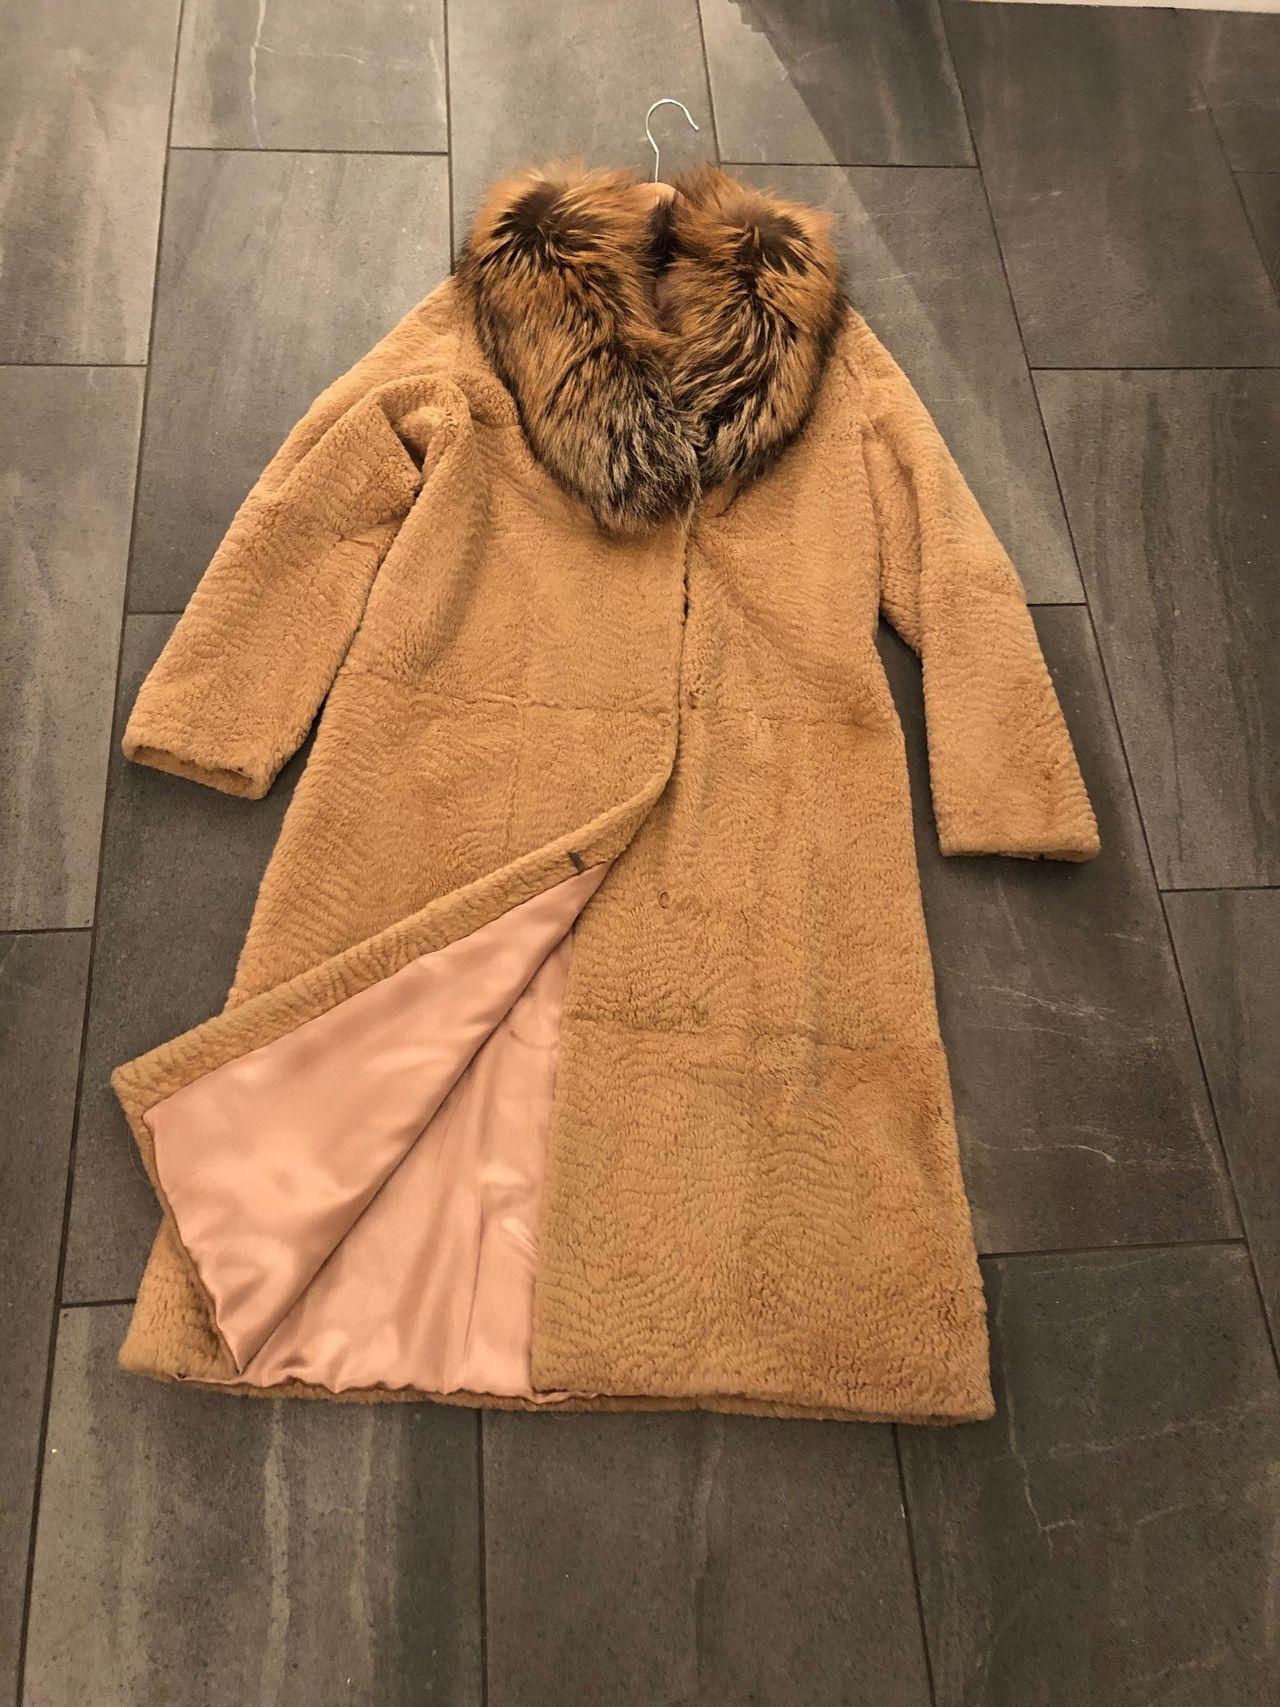 Nydelig pelskåpe jakke av ulv (ulvepels)   FINN.no